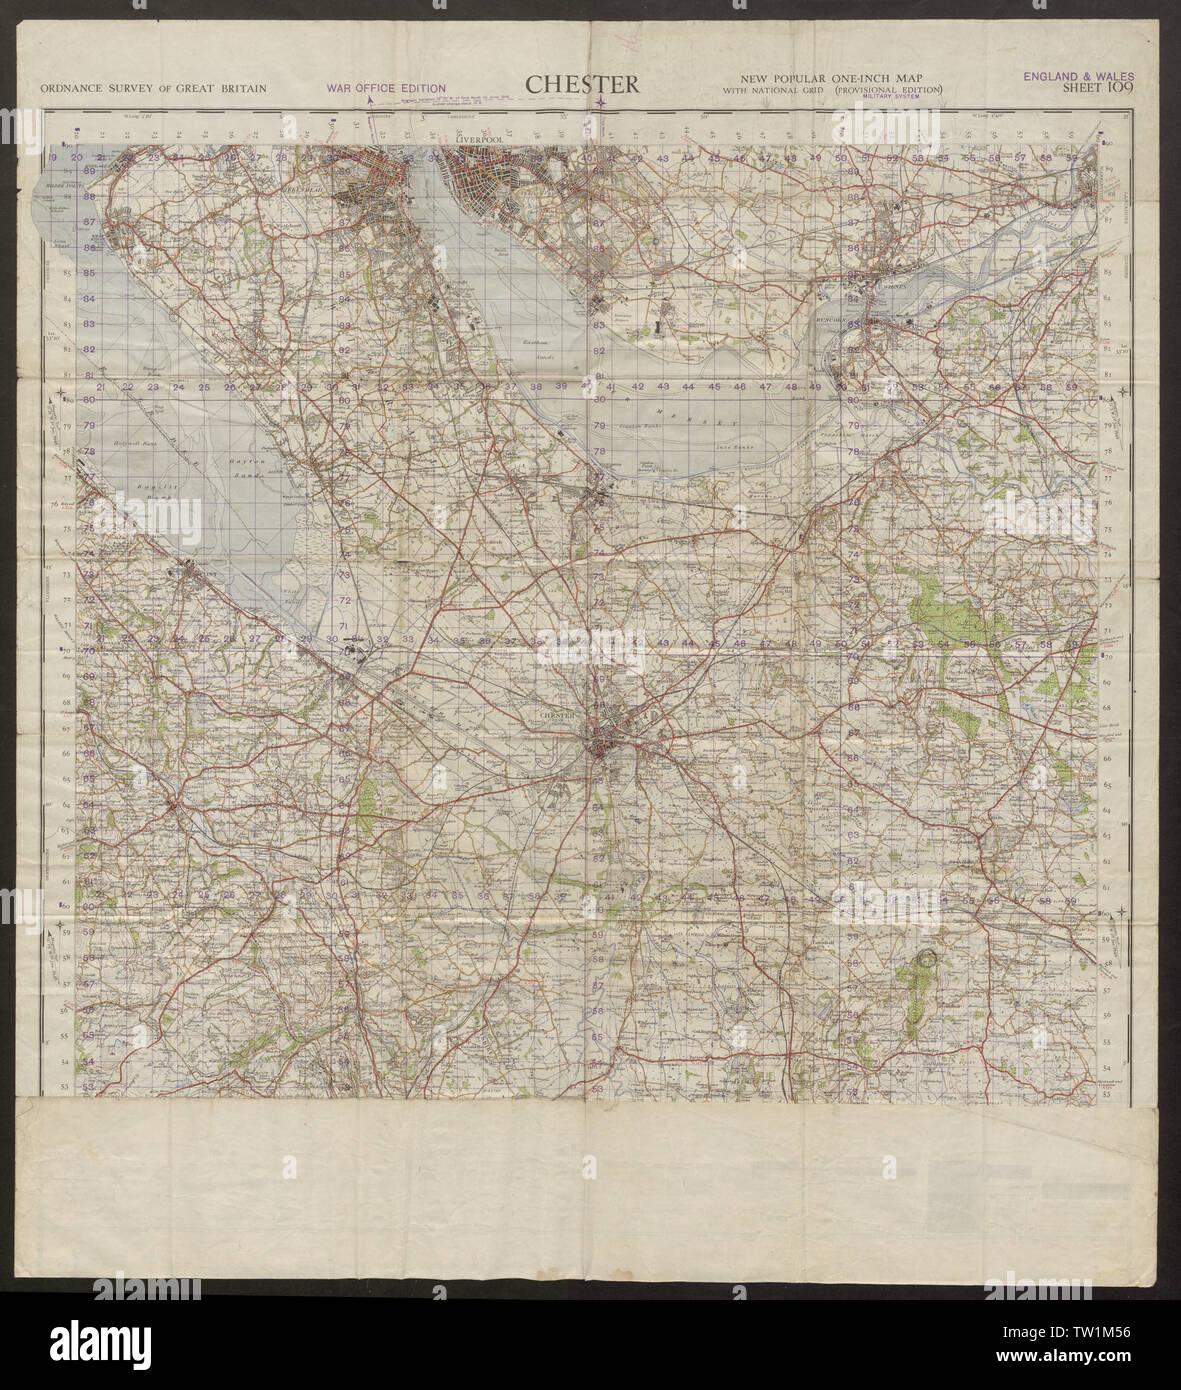 War Office Sheet 109 CHESTER Cheshire Birkenhead Mersey ...